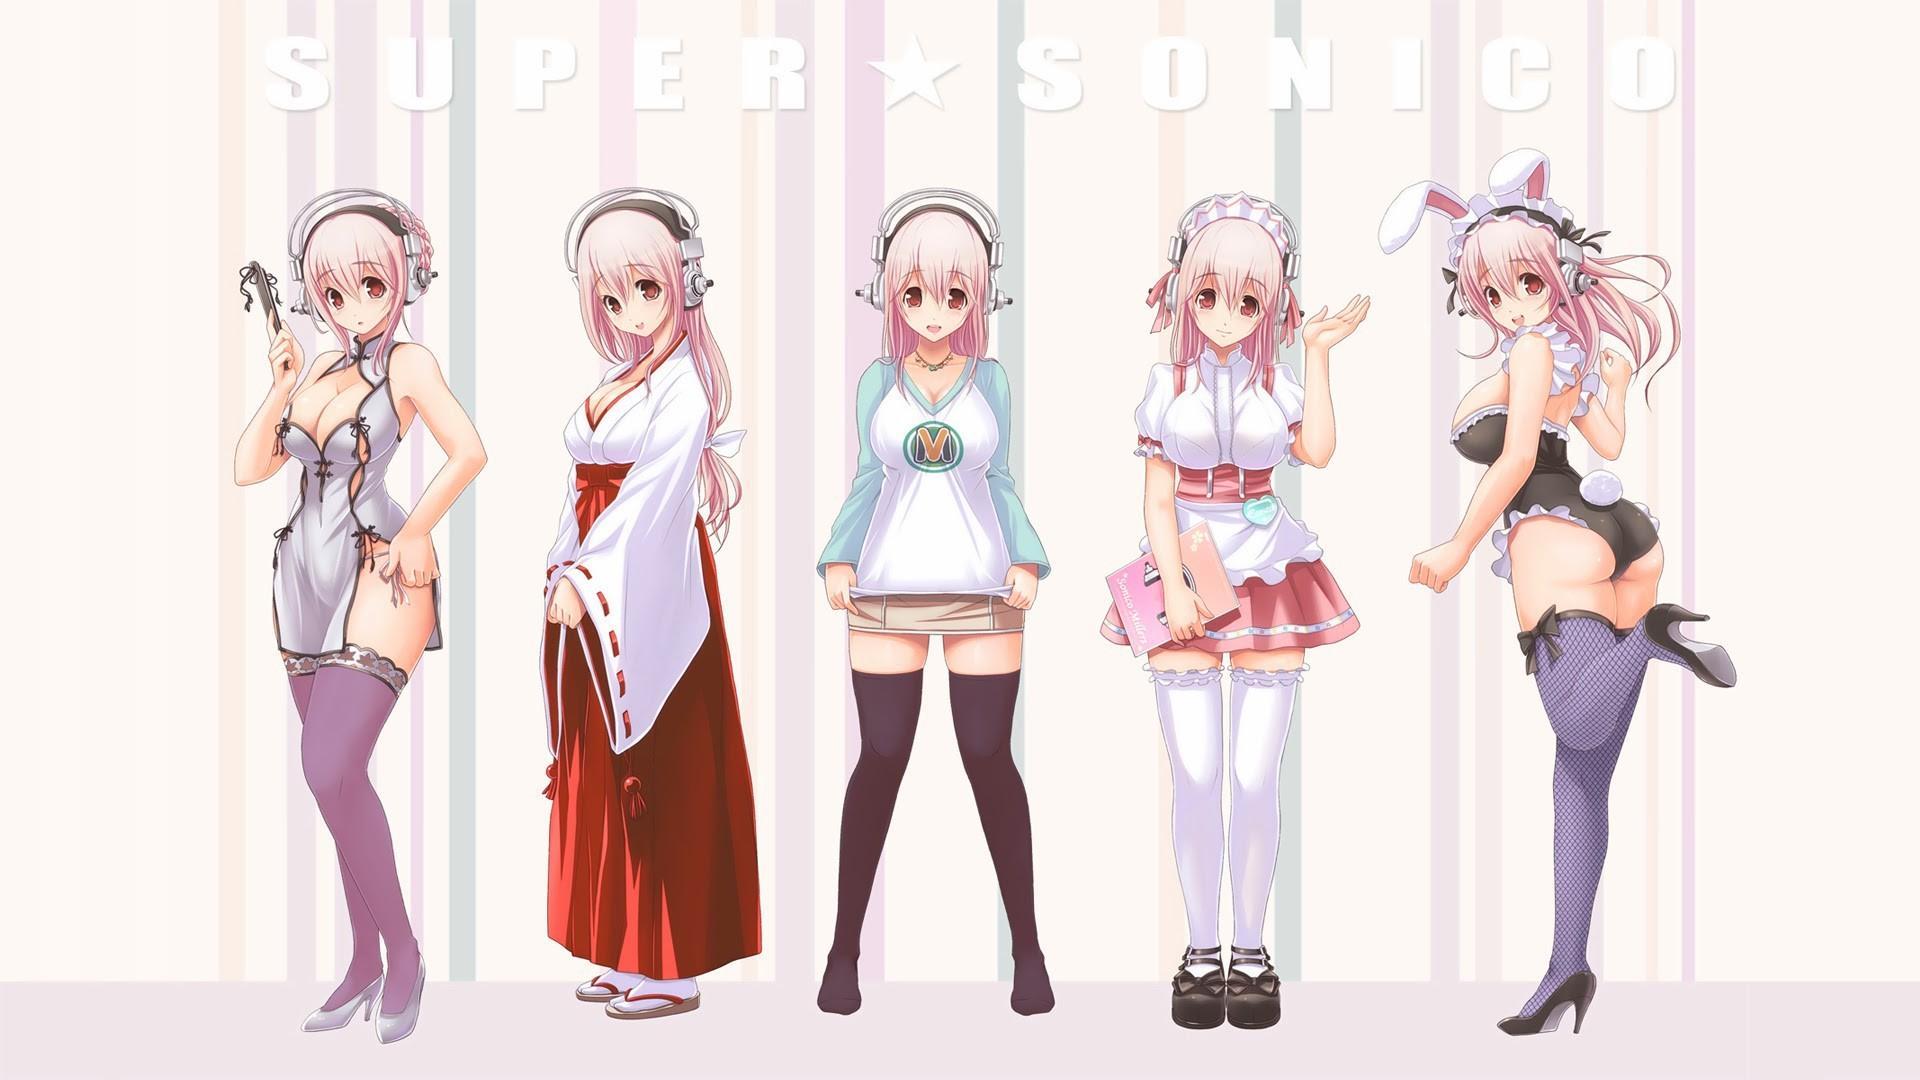 Super Sonico Anime Costumes Wallpaper